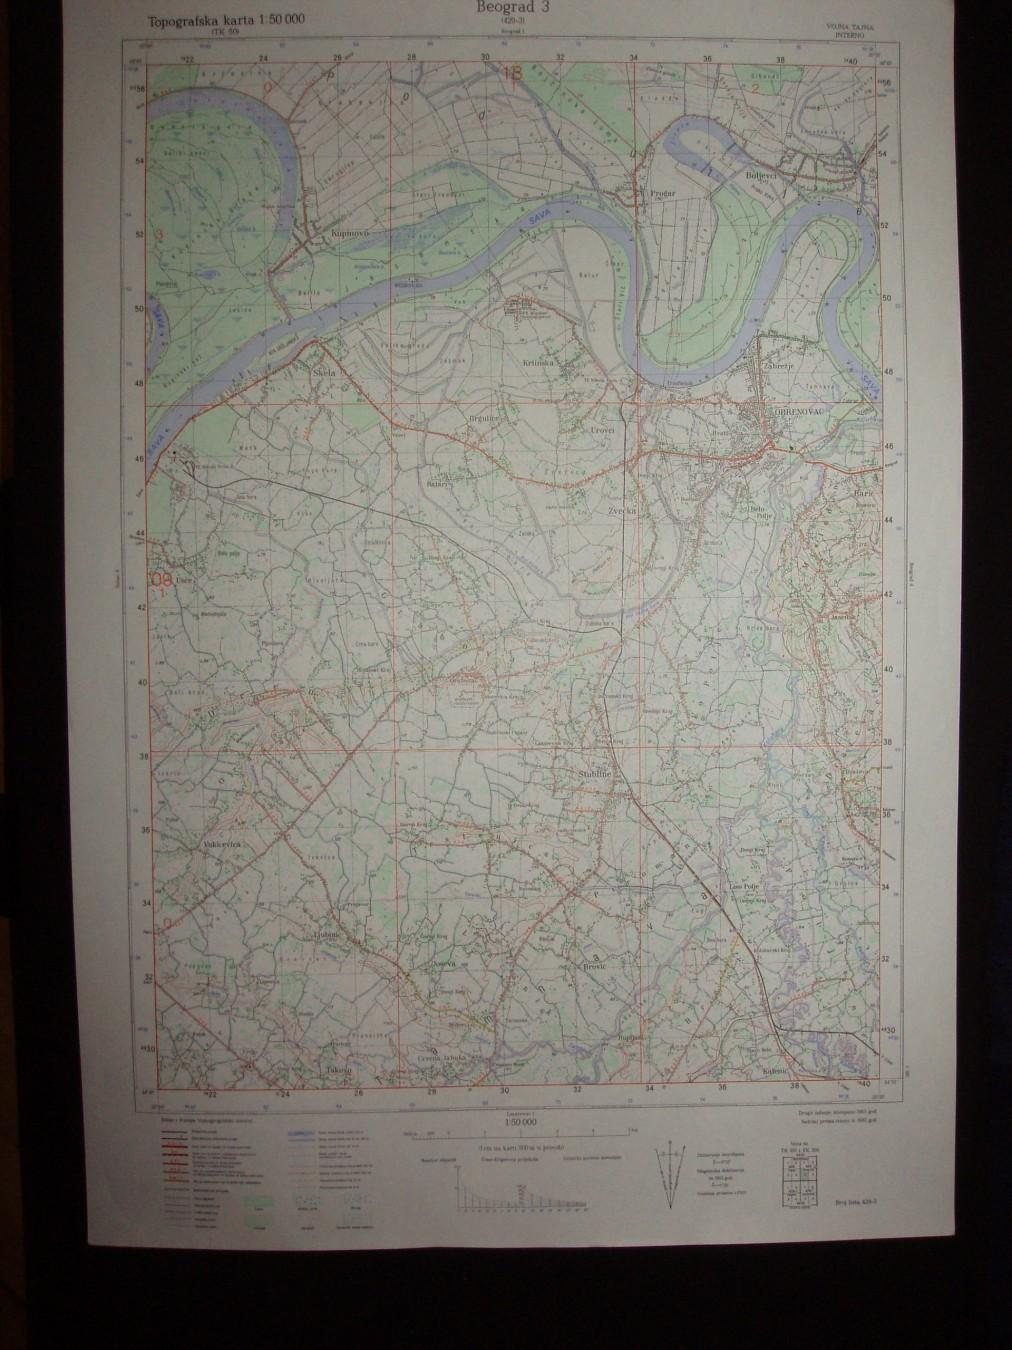 topografska karta beograda Beograd 3,topografska karta,1:50.000,429 3   Kupindo.(31701405) topografska karta beograda